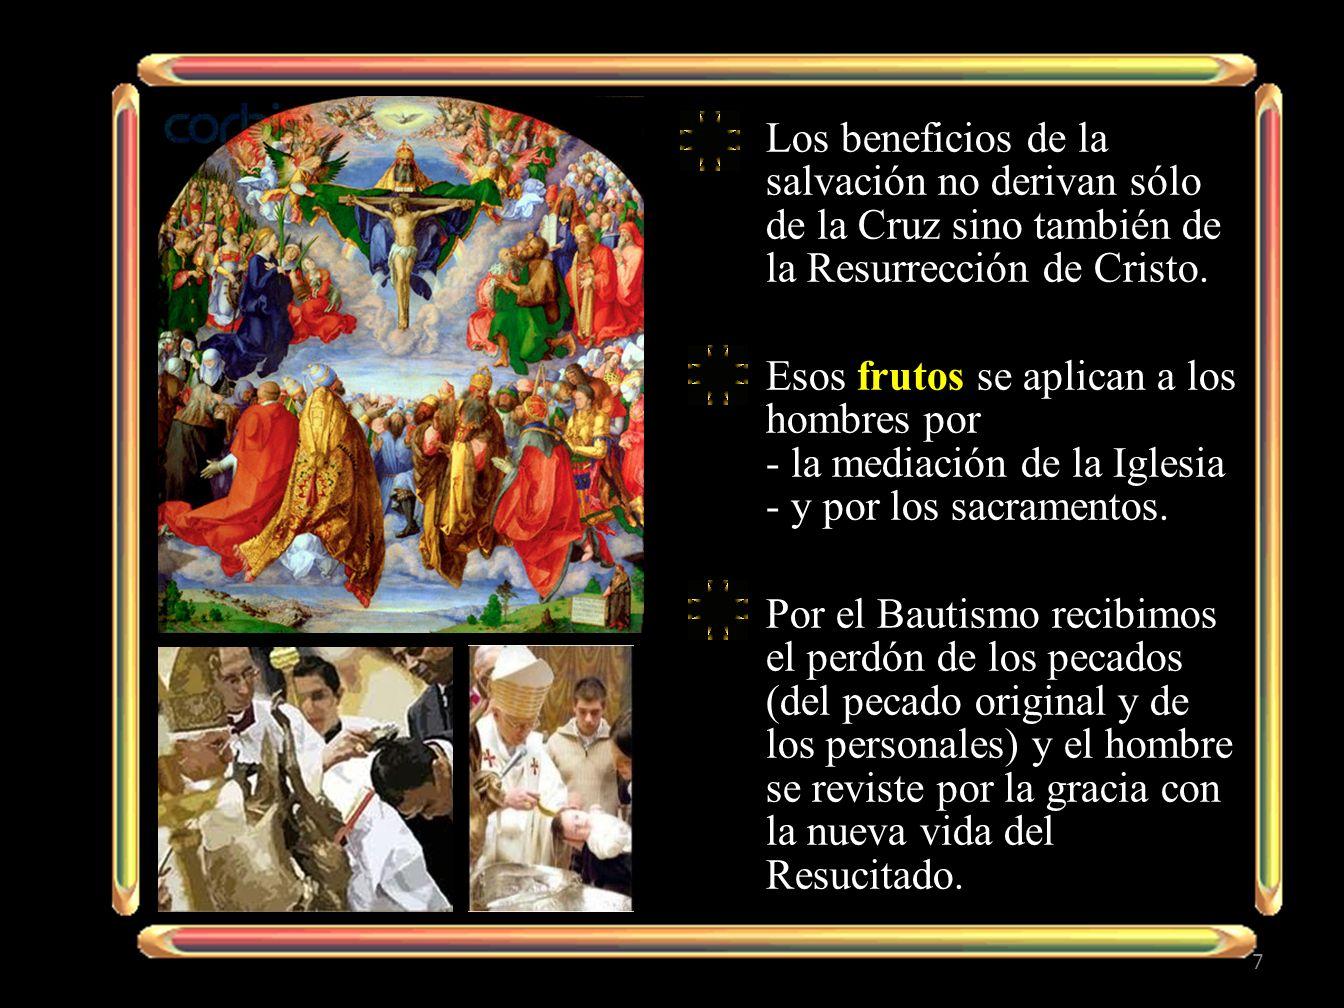 llevarle a todas las almas y ponerle en la cumbre de todas las actividades humanas, para que su Reino sea una realidad.